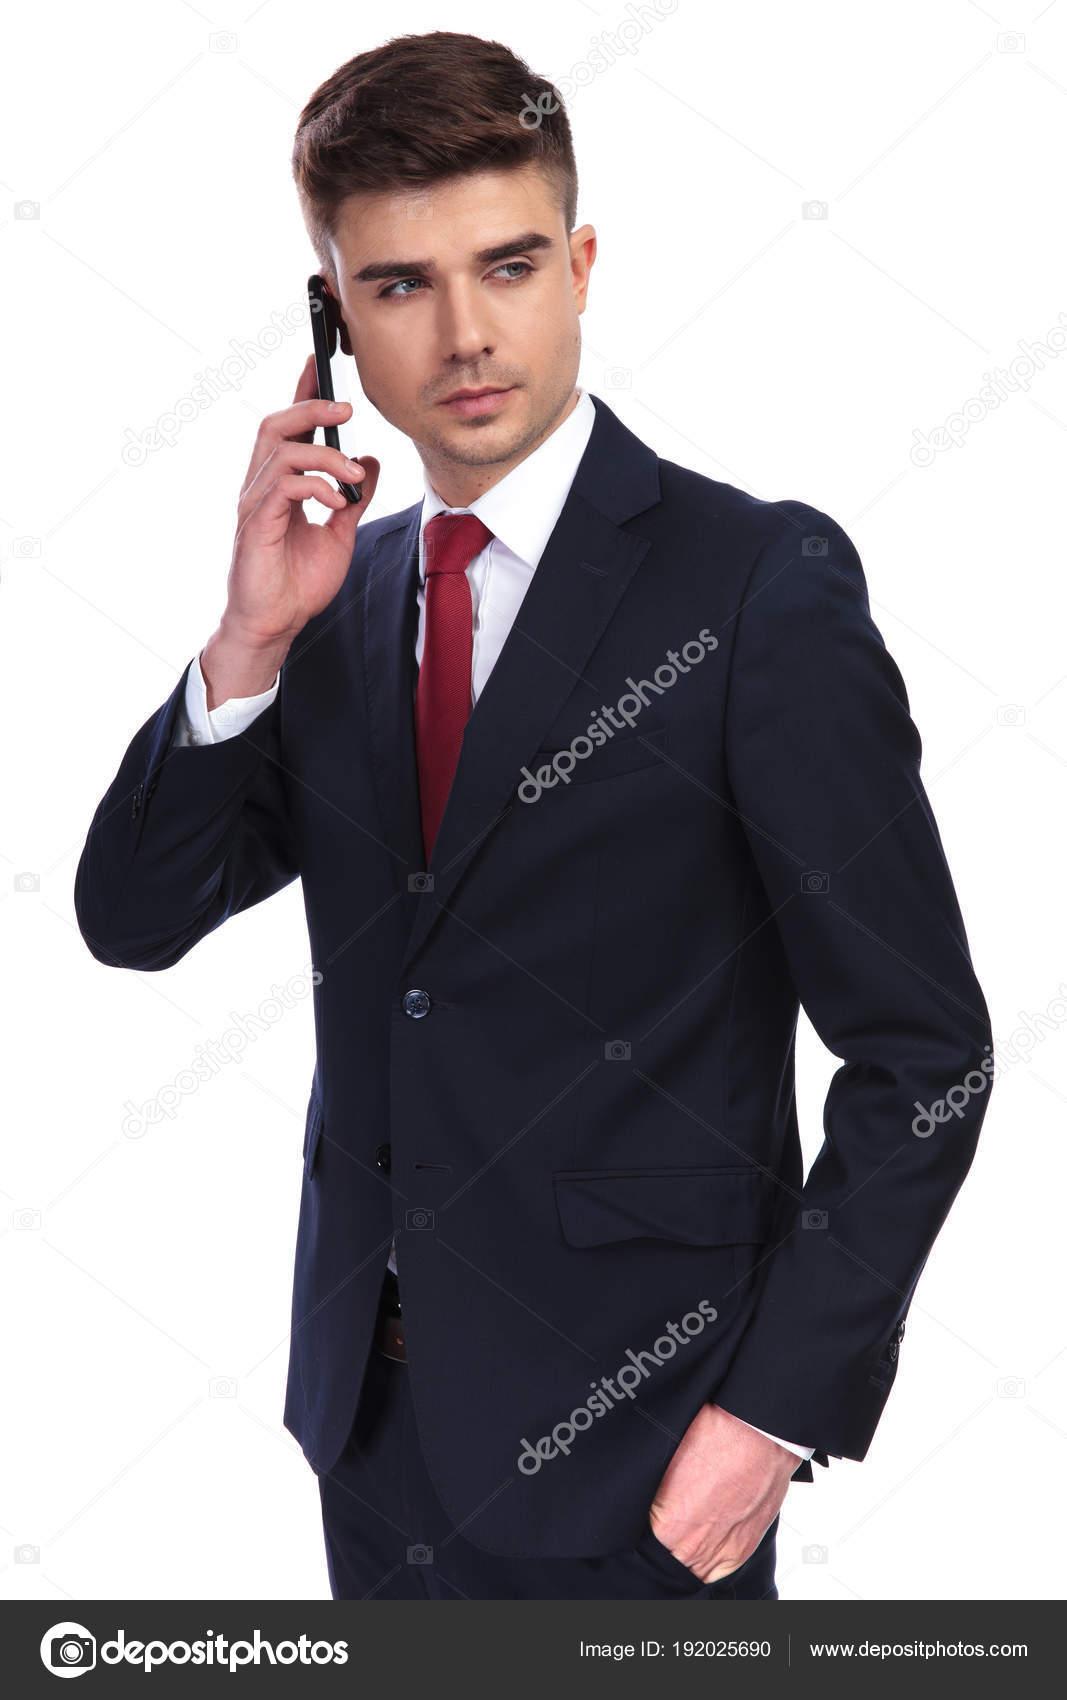 7bc5af9605fd9 Portrait d'homme d'affaires décontractée, parler au téléphone tout en  regardant de côté, debout sur fond blanc. Il porte un costume marine et une  cravate ...